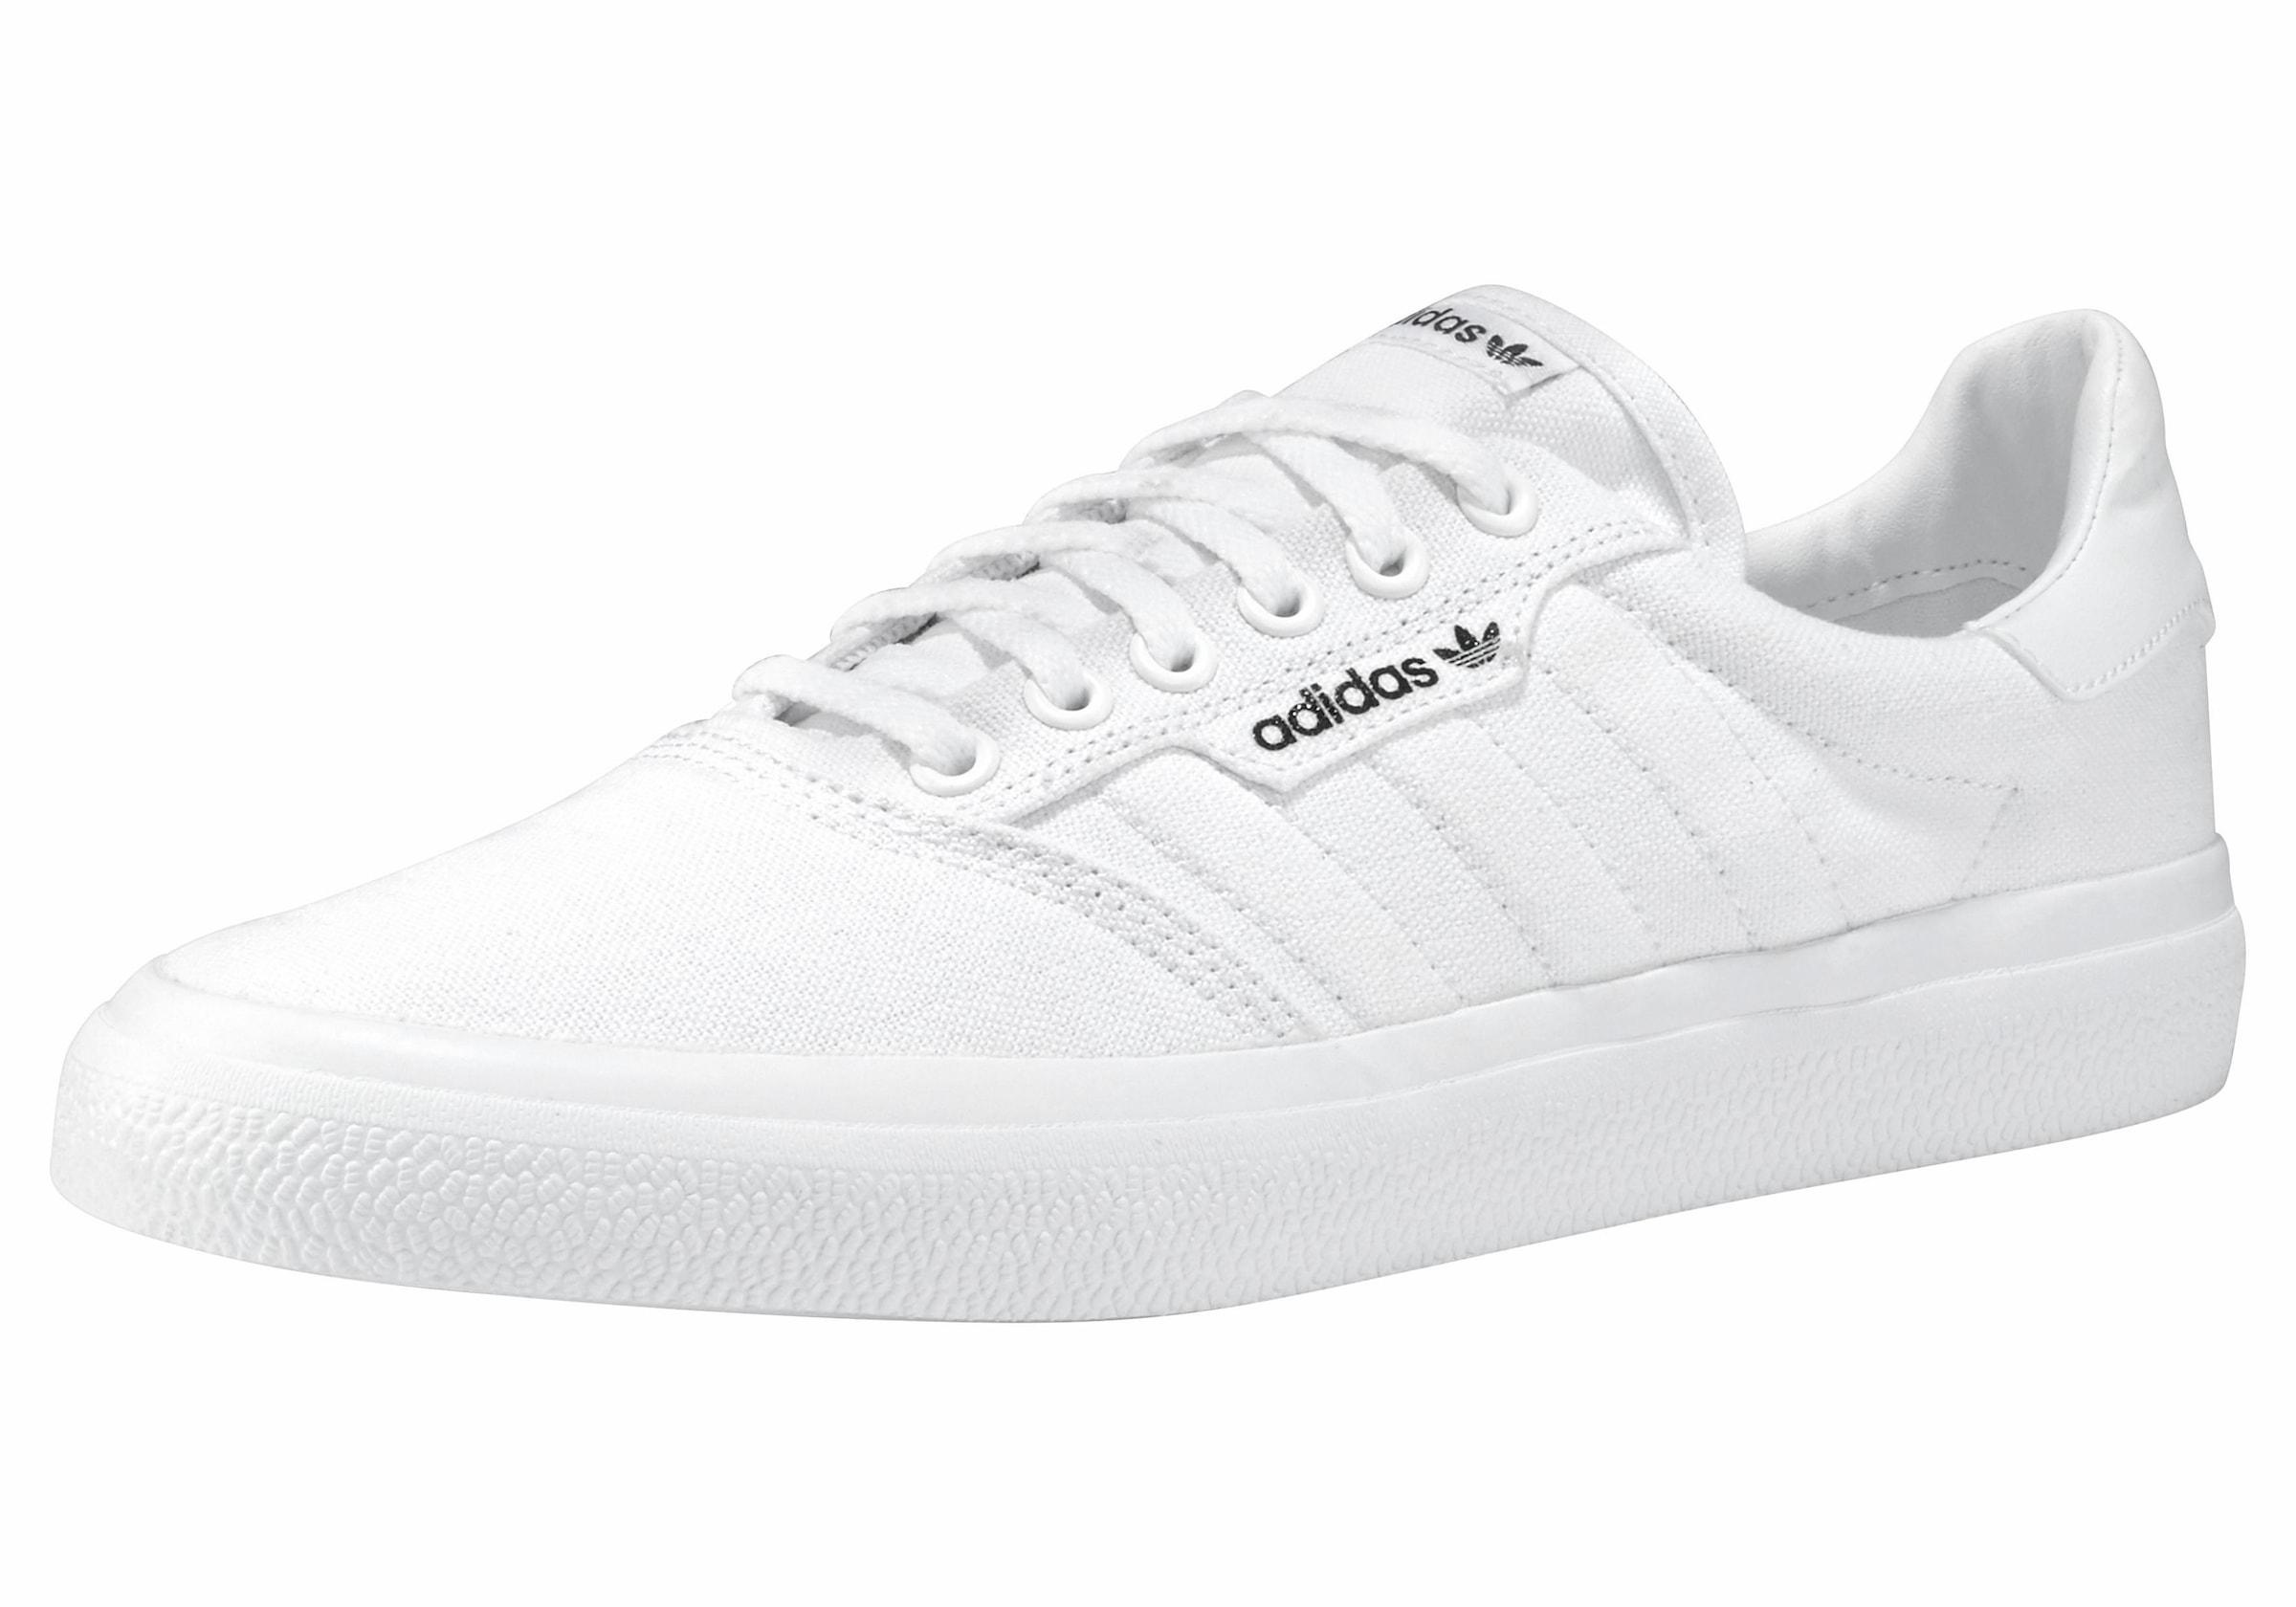 Adidas Originals Sneaker 3 | MC per Rechnung | 3 Gutes Preis-Leistungs-Verhältnis, es lohnt sich c48275